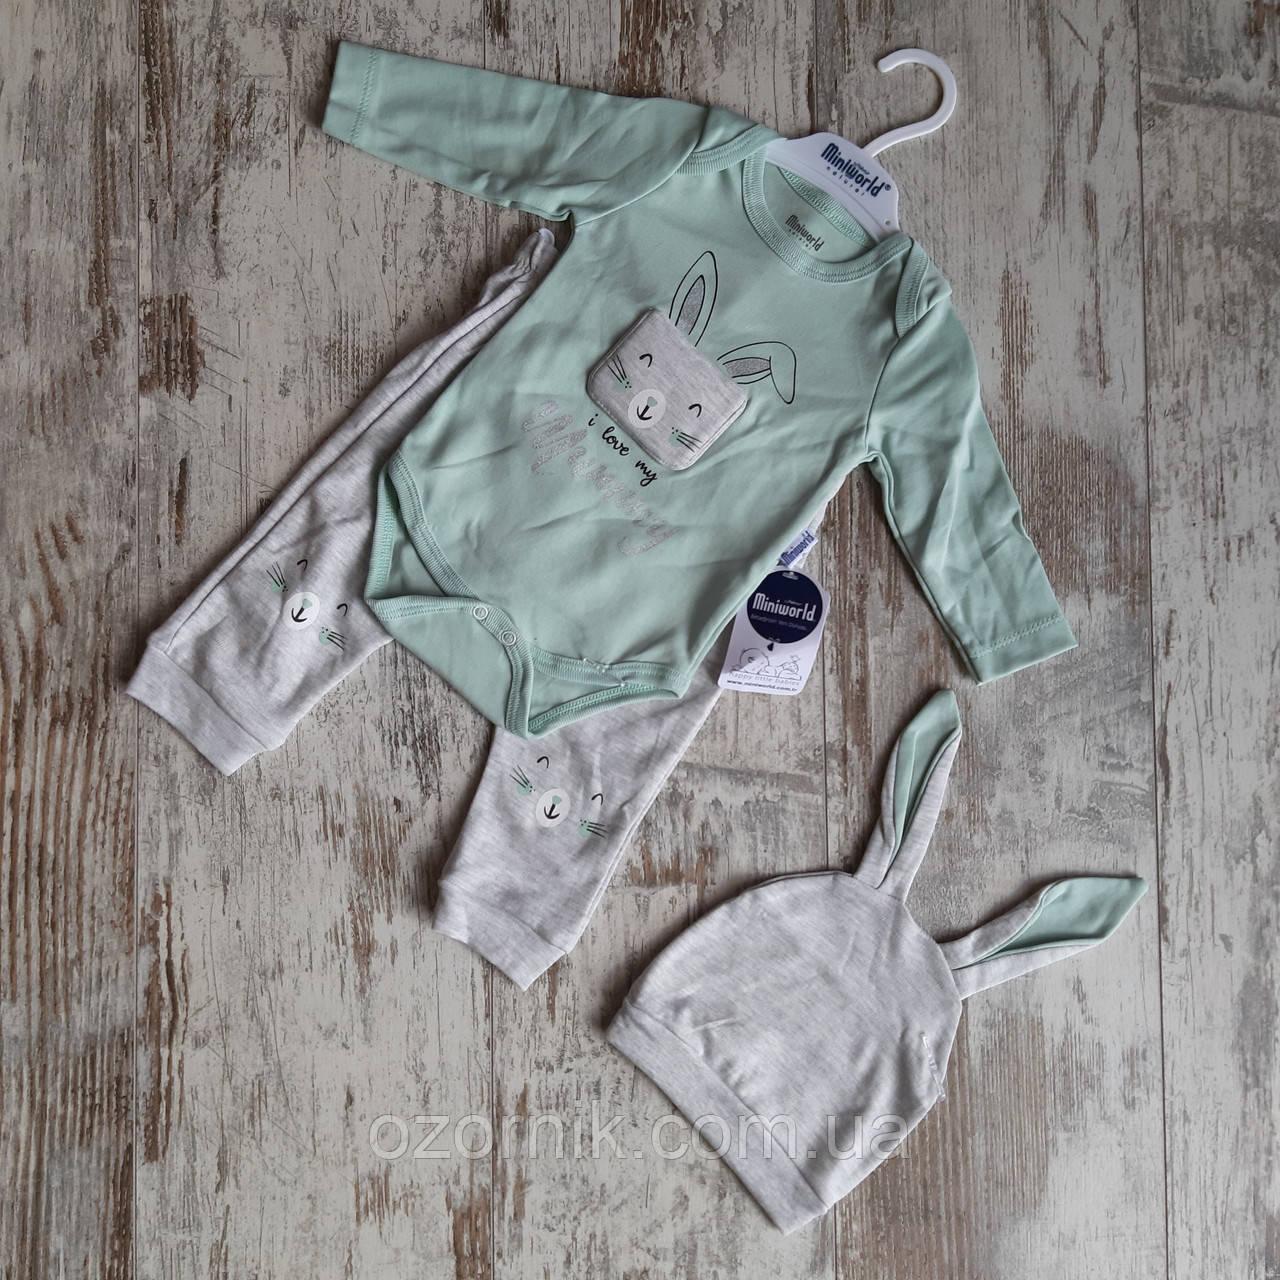 Оптом Набор Одежды для Новорожденных Малышей 3-9 мес. Турция